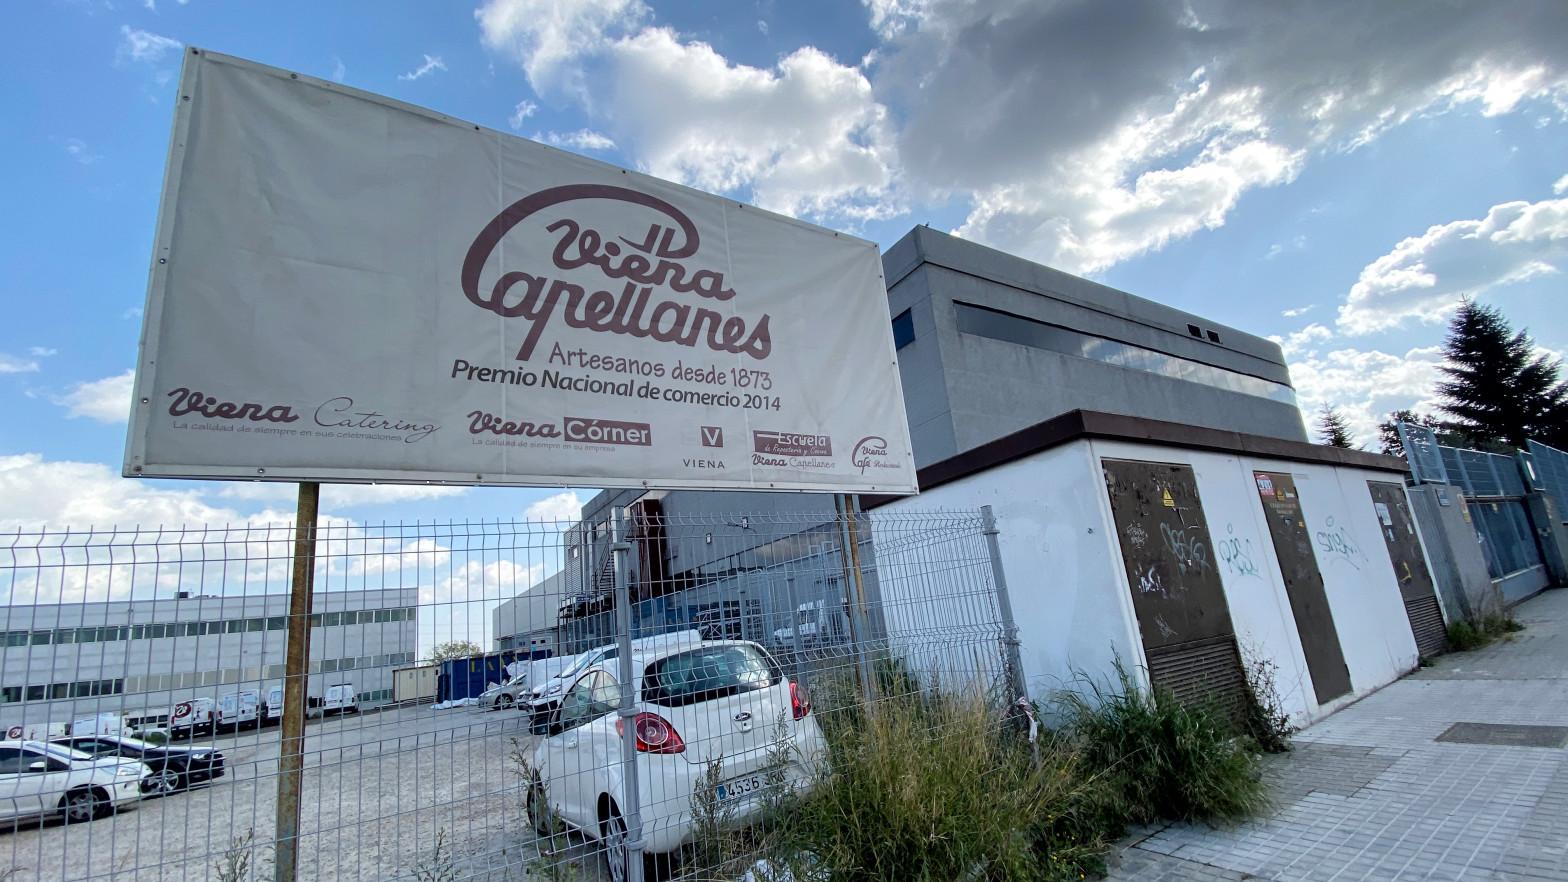 Viena Capellanes anuncia el primer ERE de su historia, que afectará a un máximo de 280 trabajadores